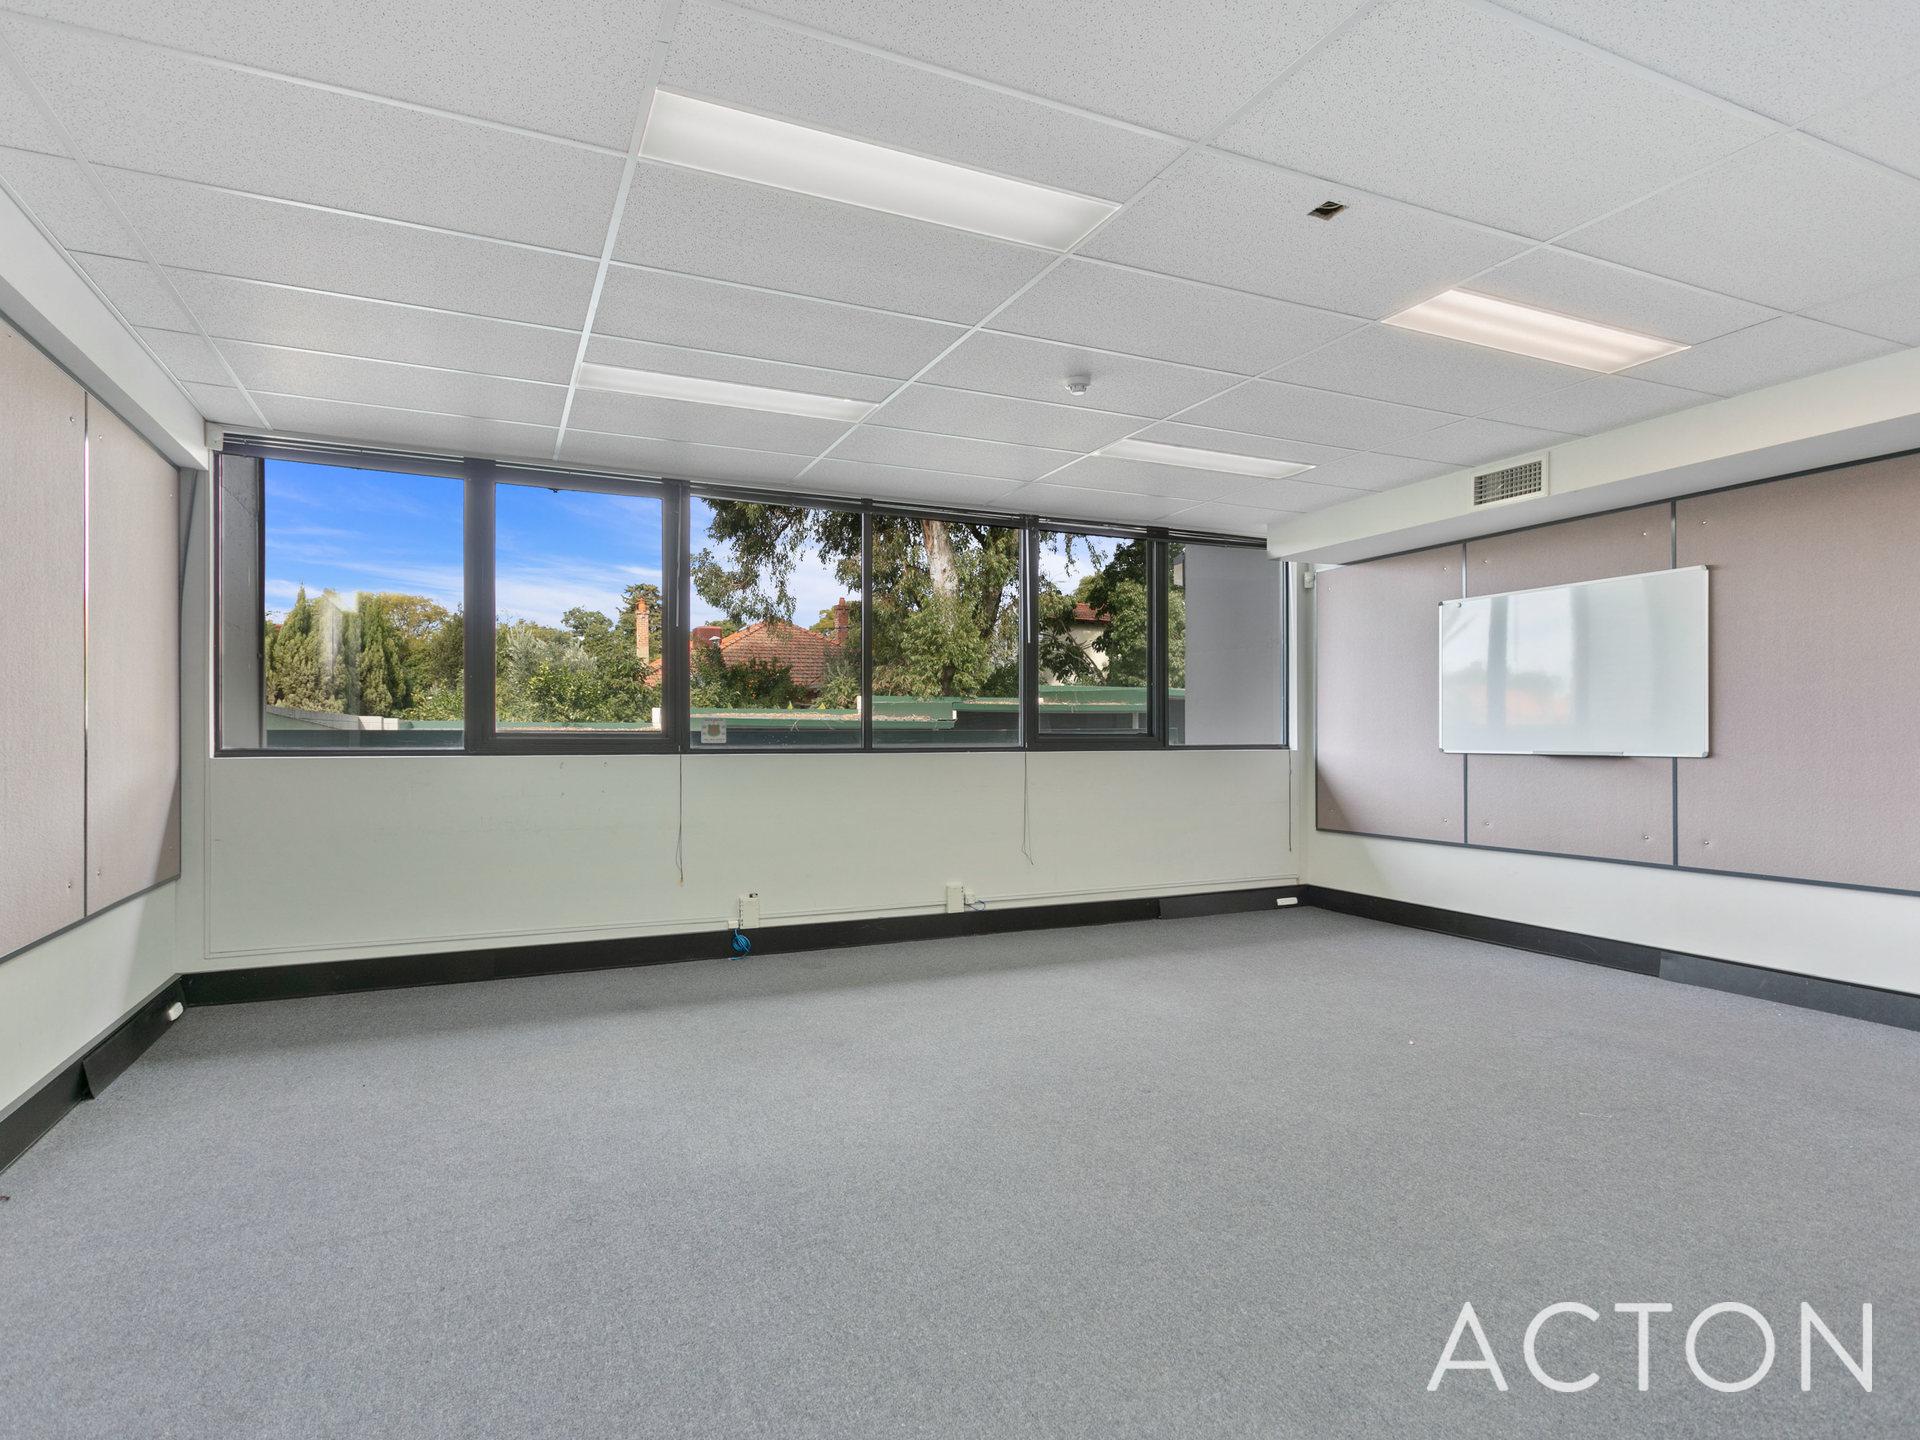 5/18 Stirling Highway Nedlands - Office For Sale - 20872707 - ACTON Cottesloe